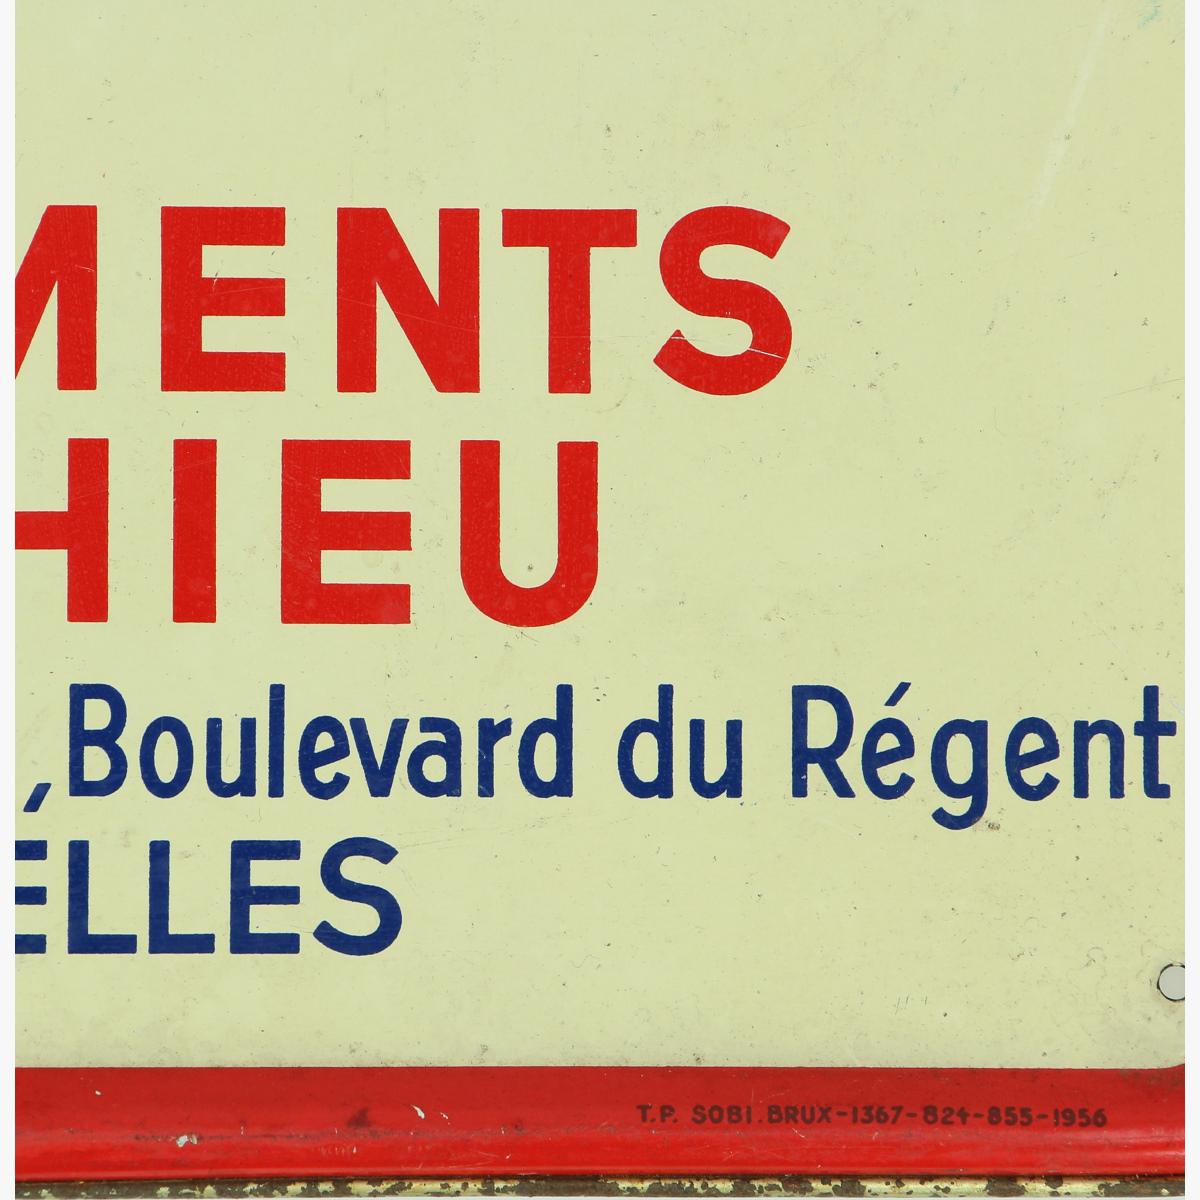 Afbeeldingen van blikken reclame bord 1956 metaroc S.A.CIMENTS DE THIEU